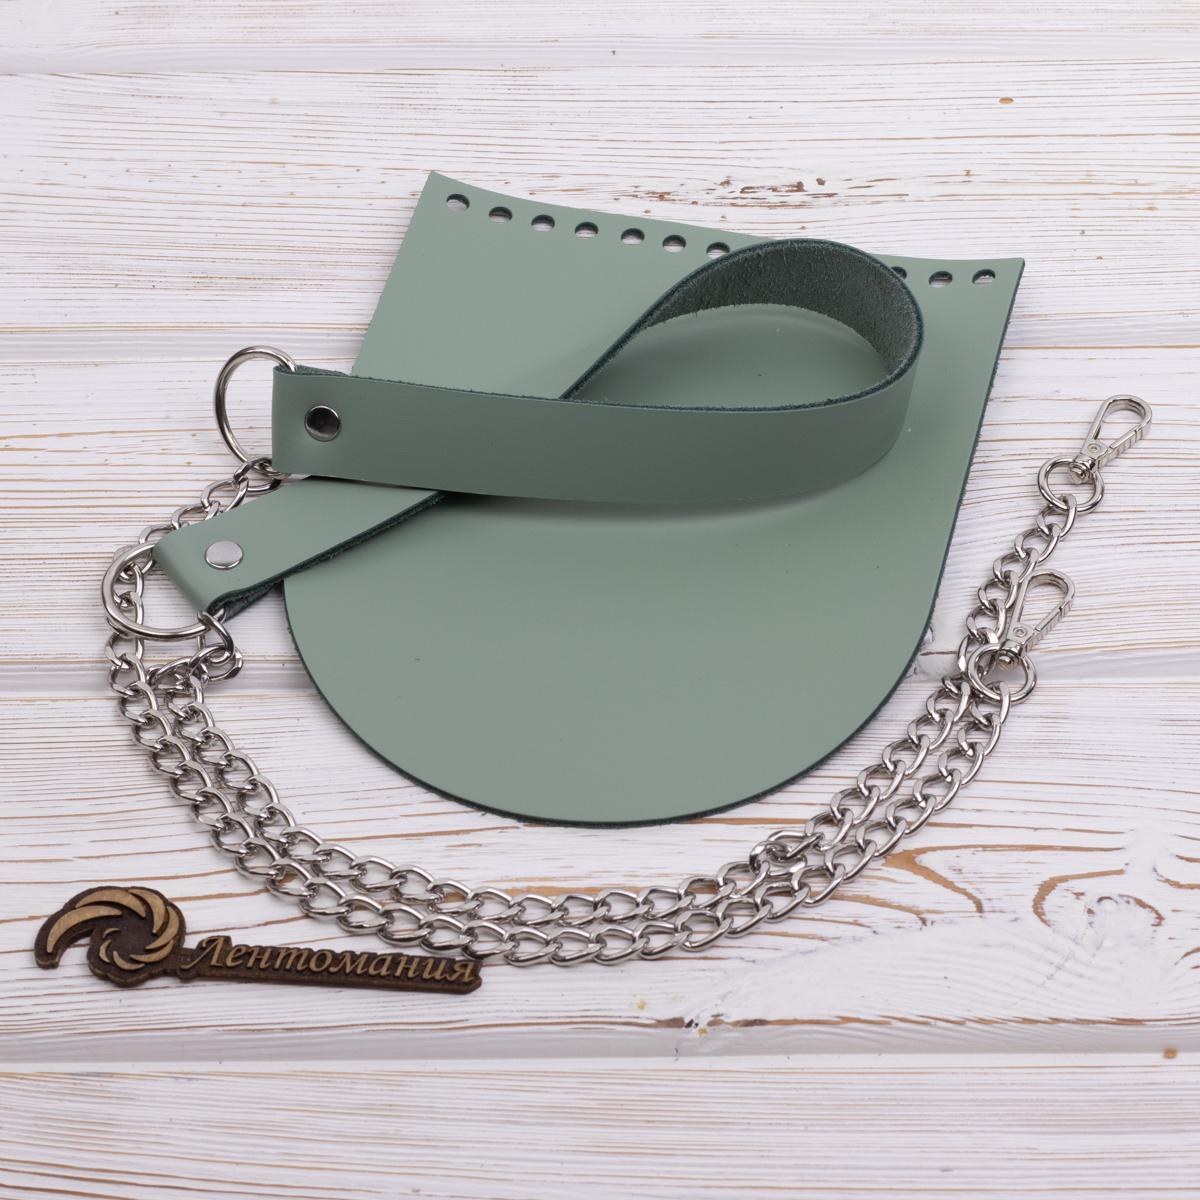 """Комплект для сумочки """"Орео"""" с бесплатным видео уроком Комплект для сумочки """"Фисташка"""" N4 без метал. фурнитуры IMG_6916.jpg"""